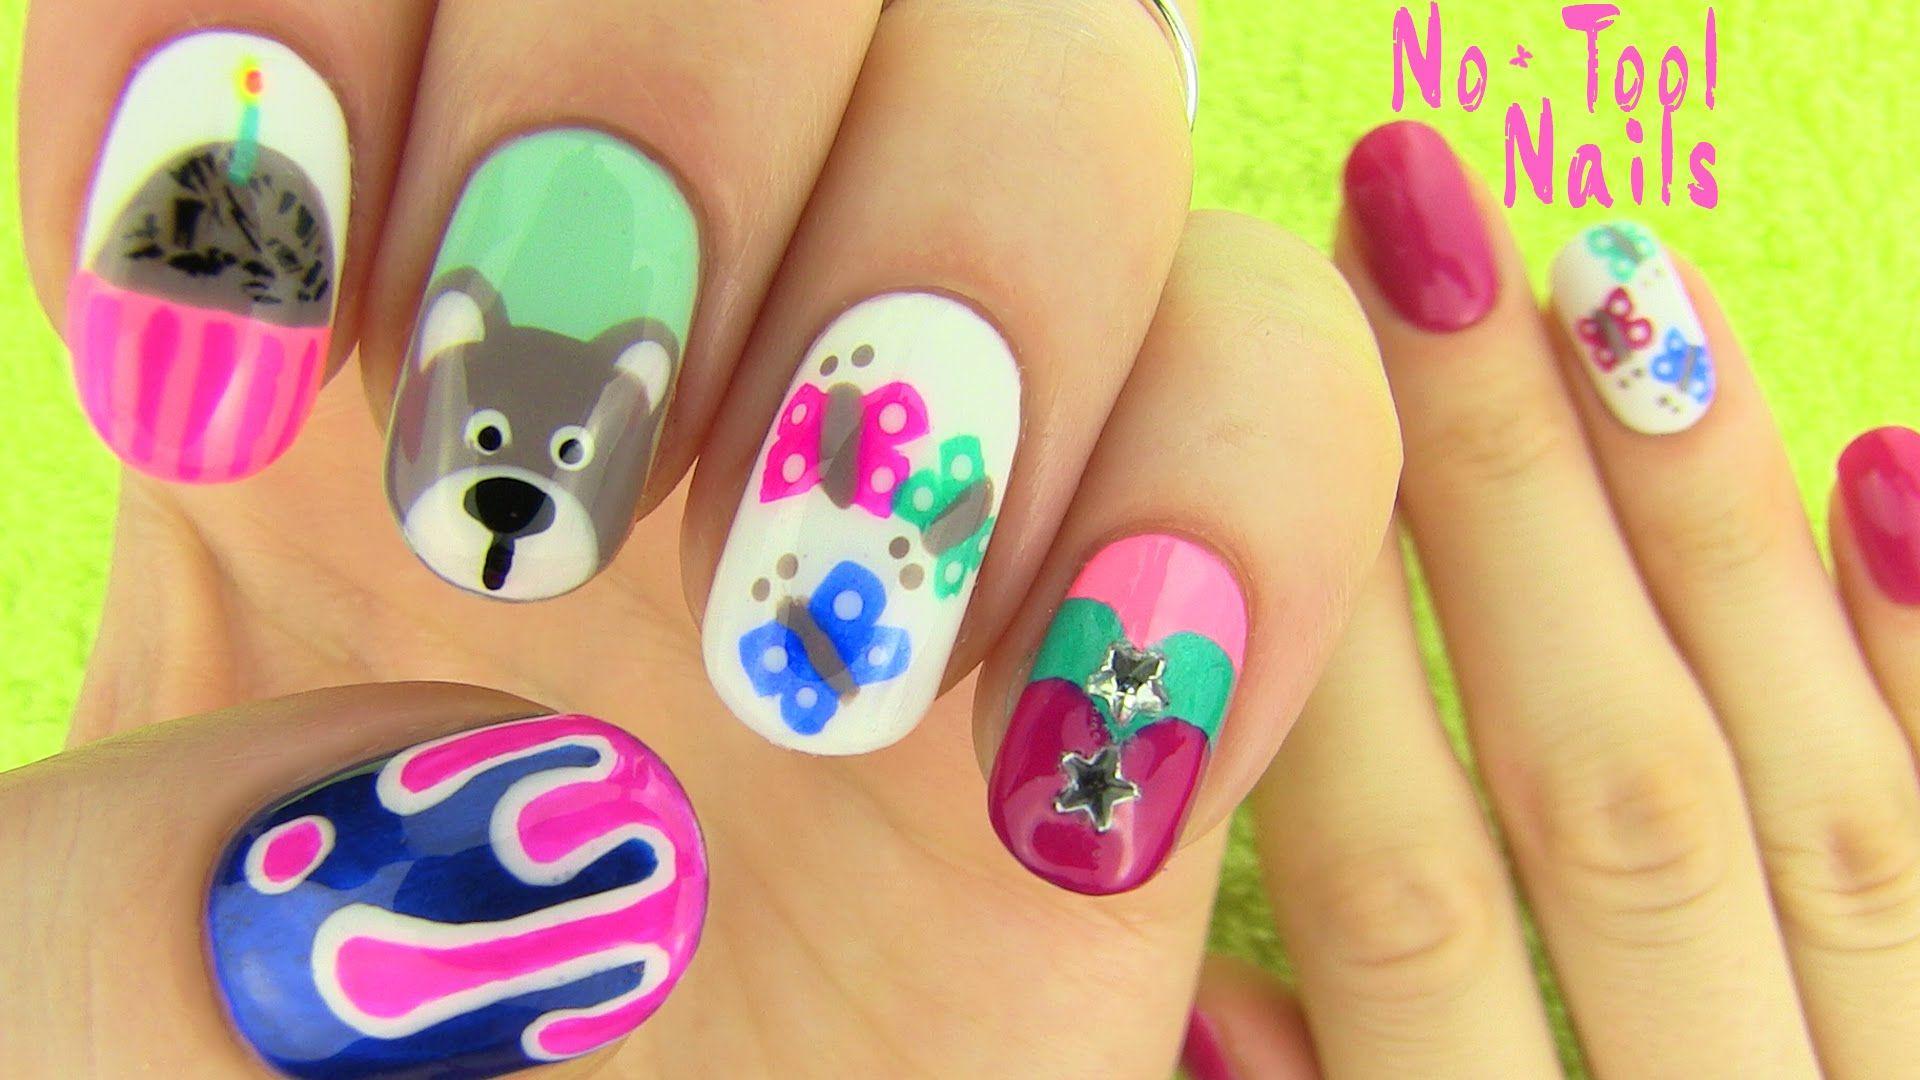 Nails Without Nail Art Tools! 5 Nail Art Designs! My fourth no tool ...